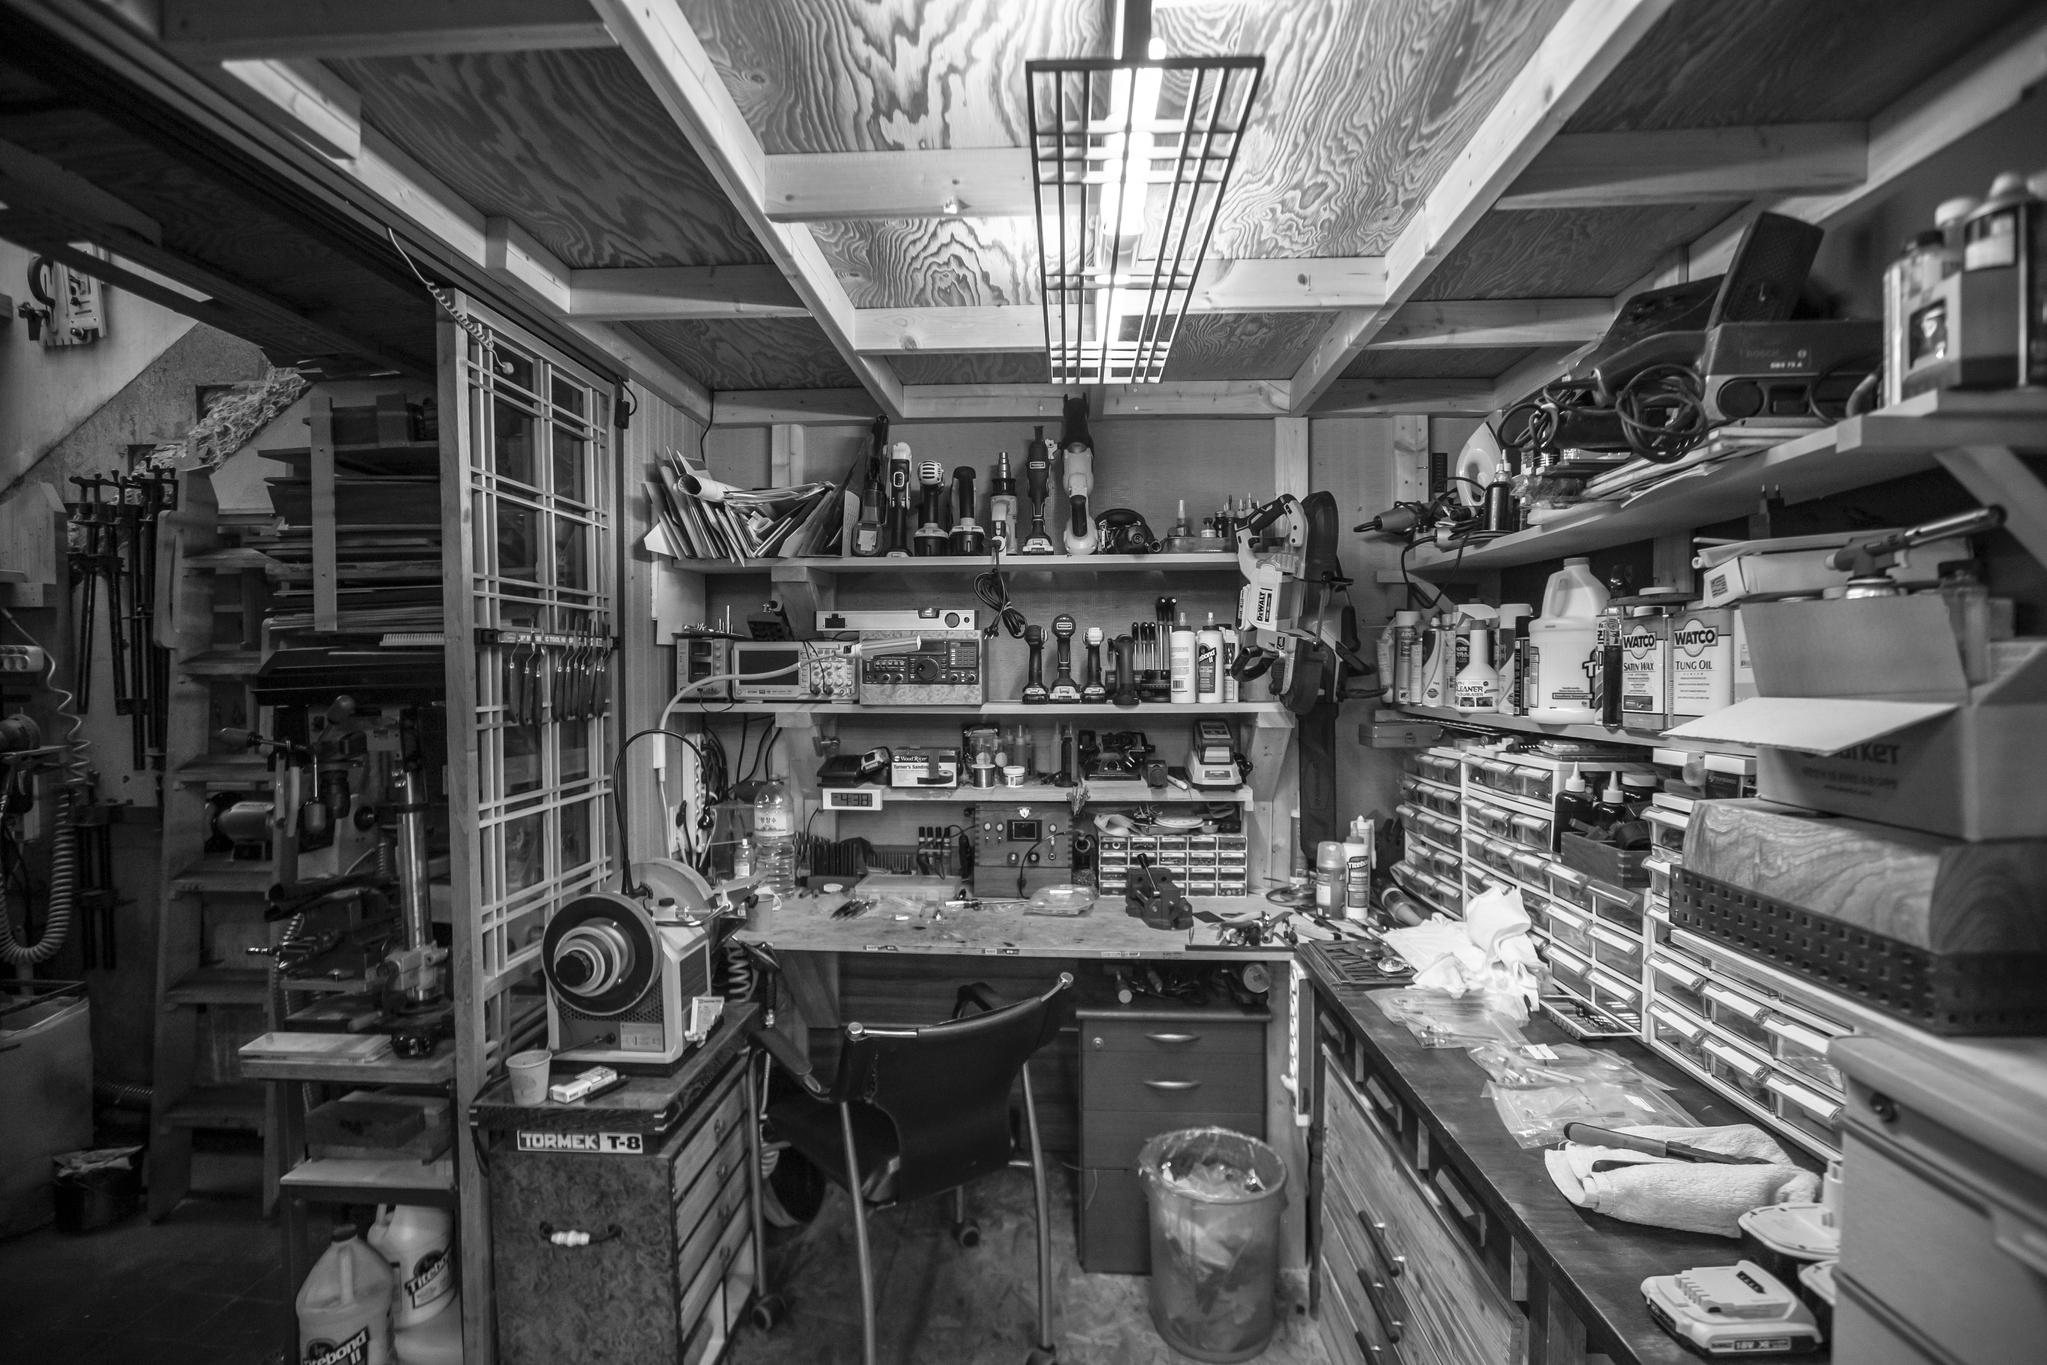 """공간갤러리 한편에 마련된 카메라 수리 공간, 빈틈 없이 정리되어있다. 공간조차 '한뼘도 허투루 쓰지 않는다""""고 그가 말했다."""